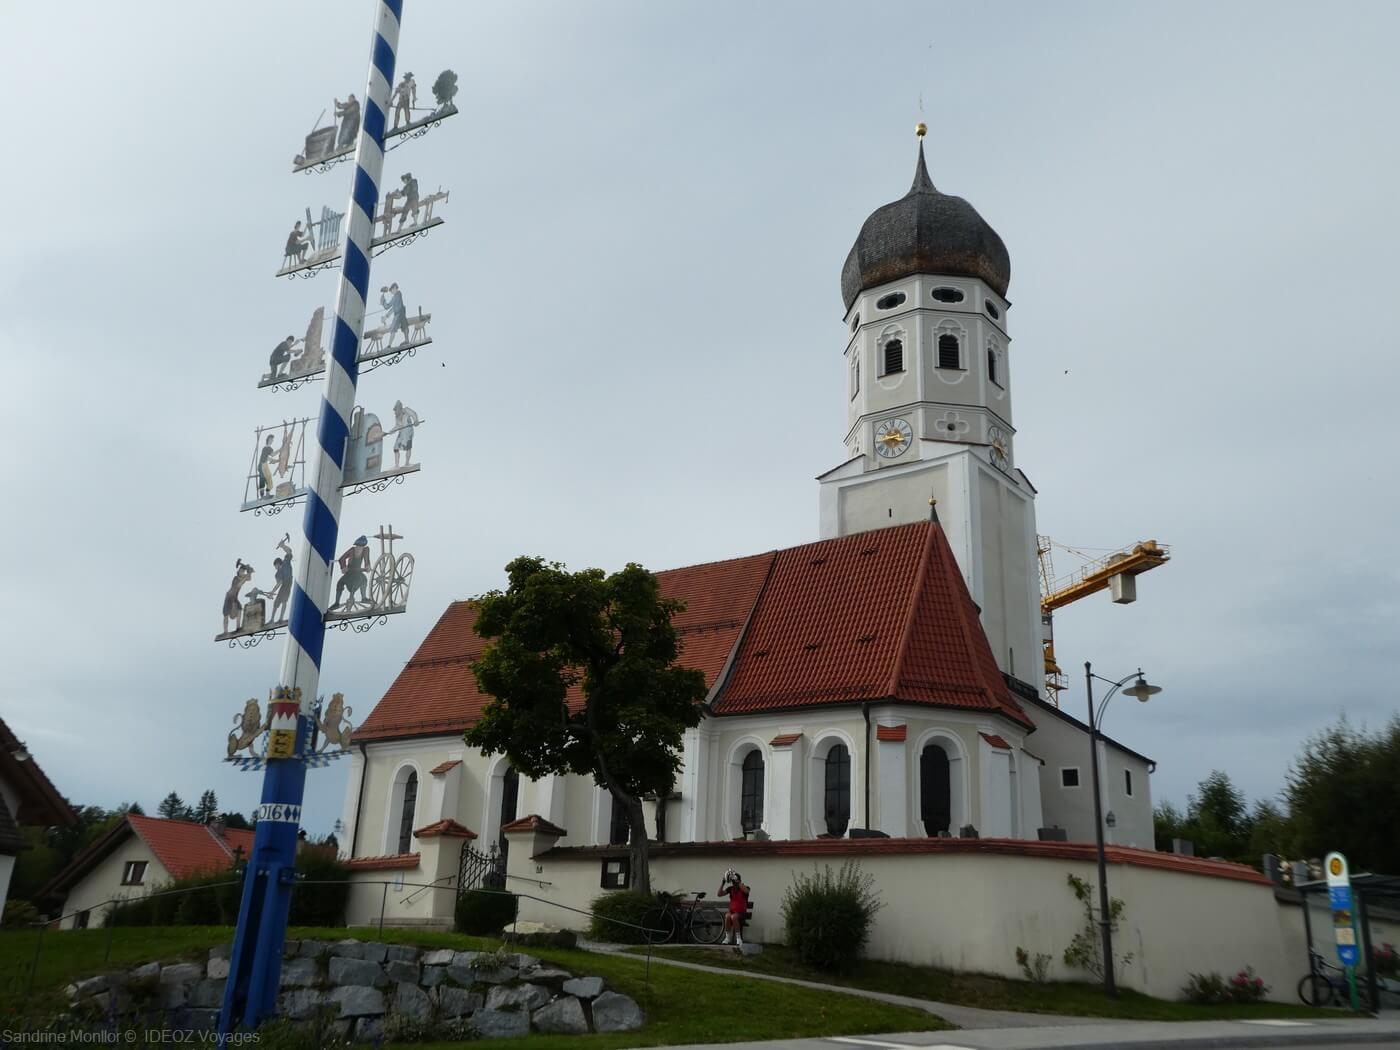 église d'andechs et arbre de mai en haute bavière près de munich